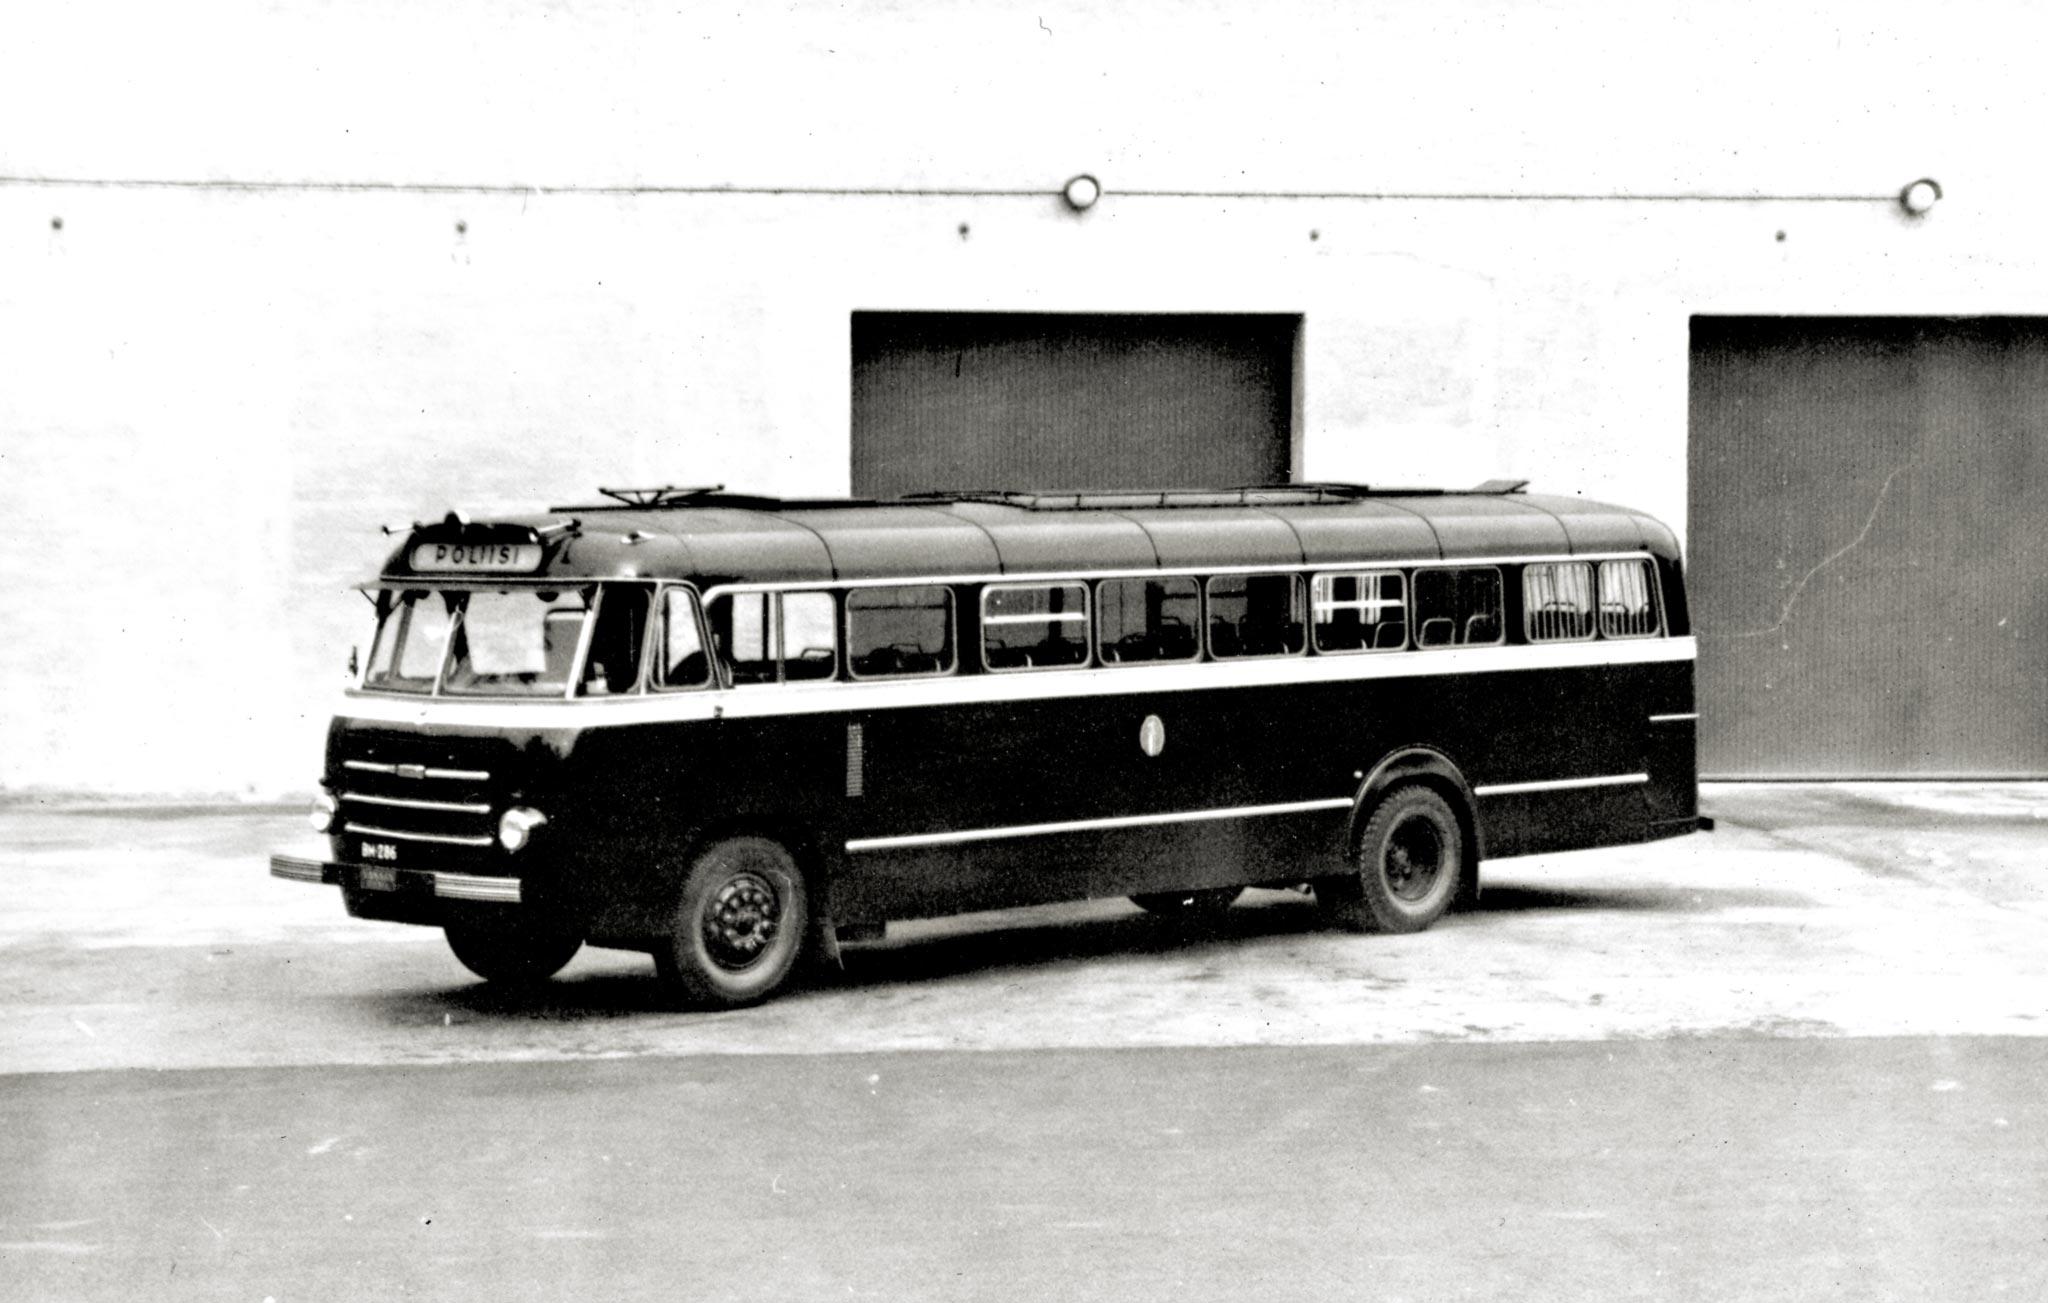 No tähän bussiin mahtuu vaikka koko Suomen Kuvalehden kuvatoimitus, jos rupeavat rettelöimään... Vanaja-alustaisen linja-auton on todennäköisimmin korittanut Helko.